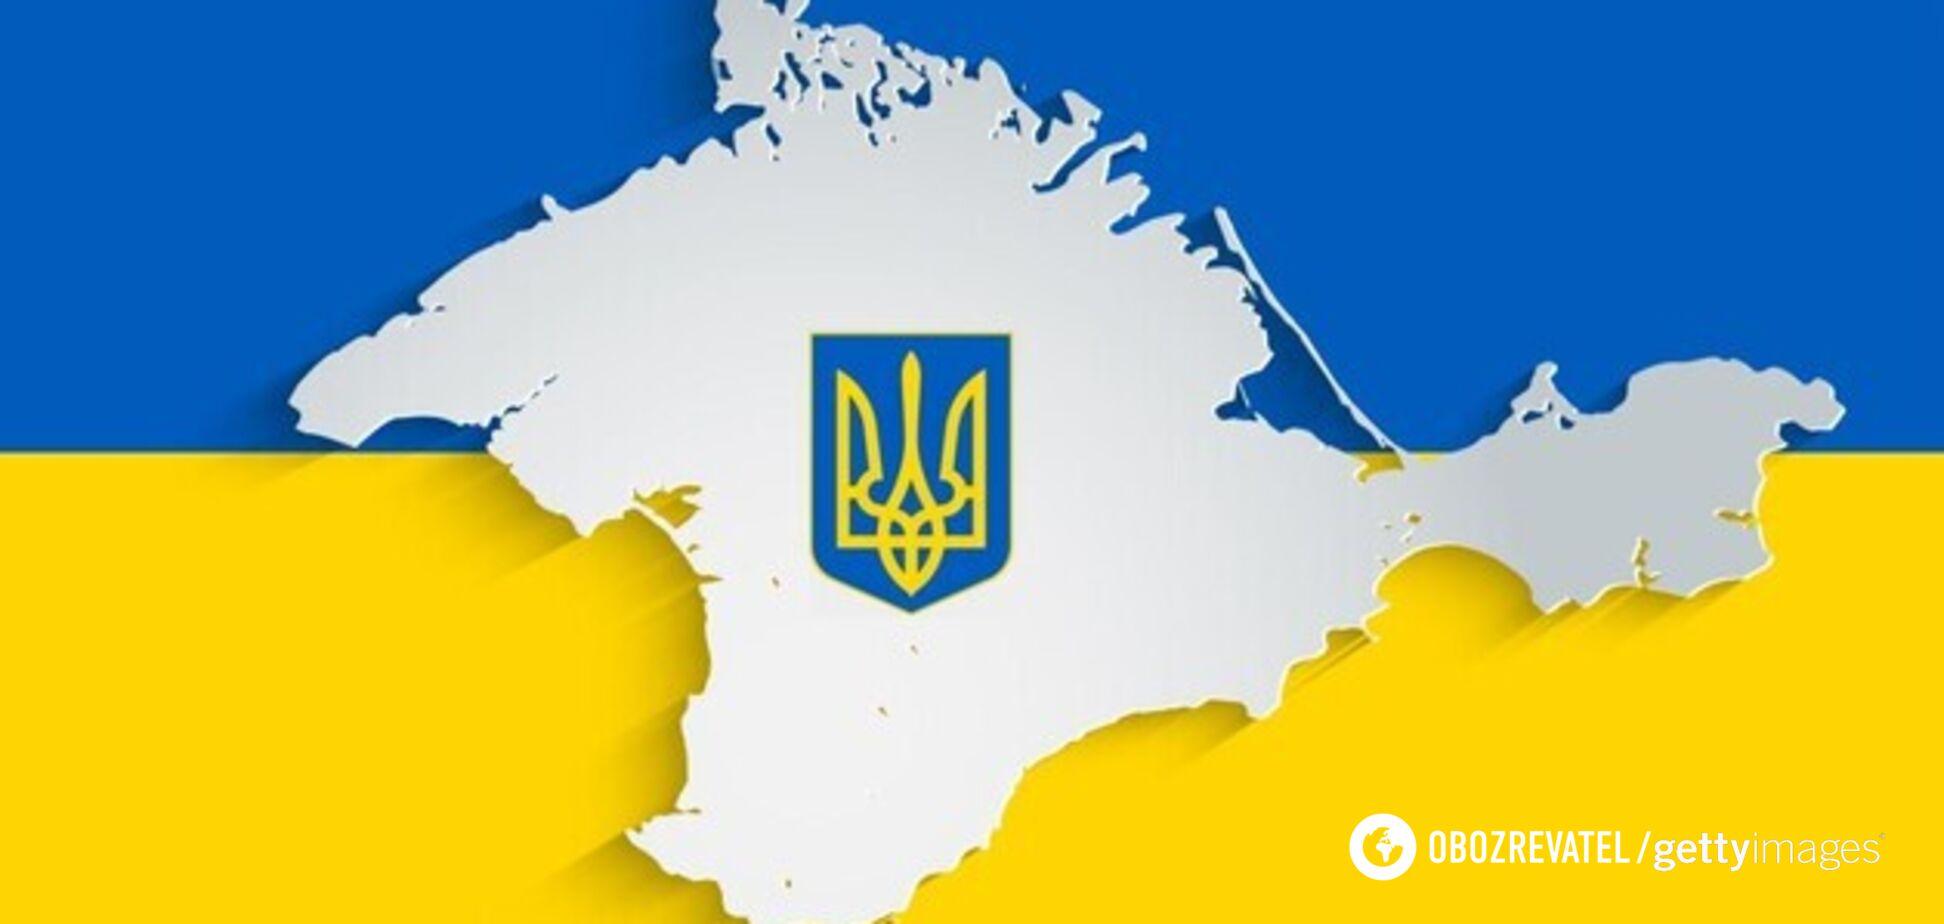 Новини Кримнашу. Жителі Криму починають проклинати 2014 рік